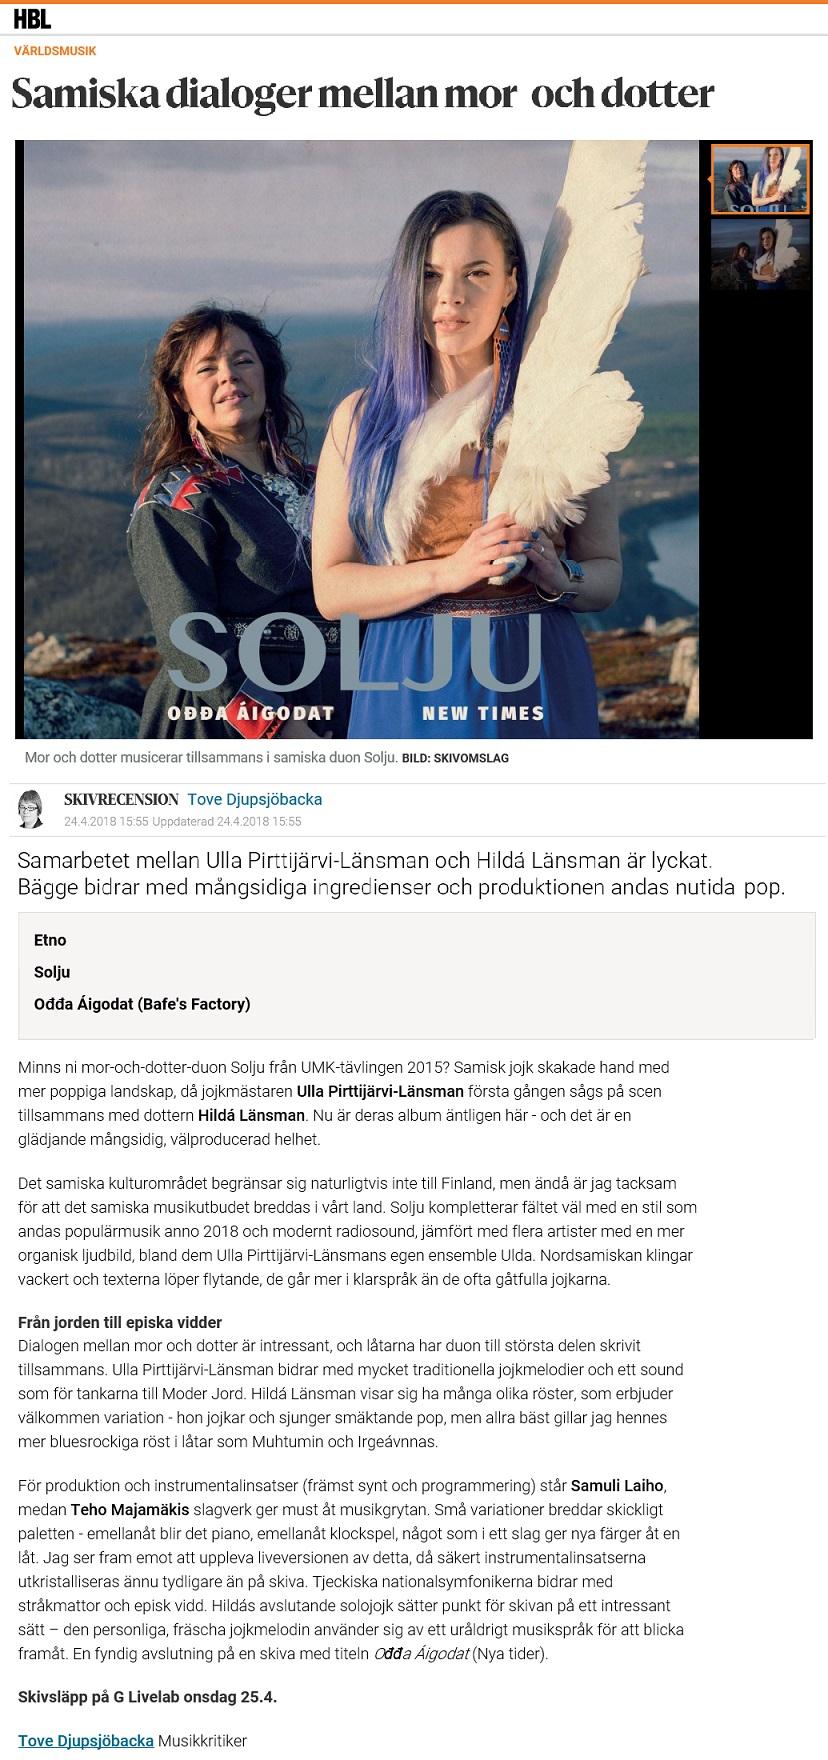 Hufvudstadsbladet (Finland), 24.4.2018